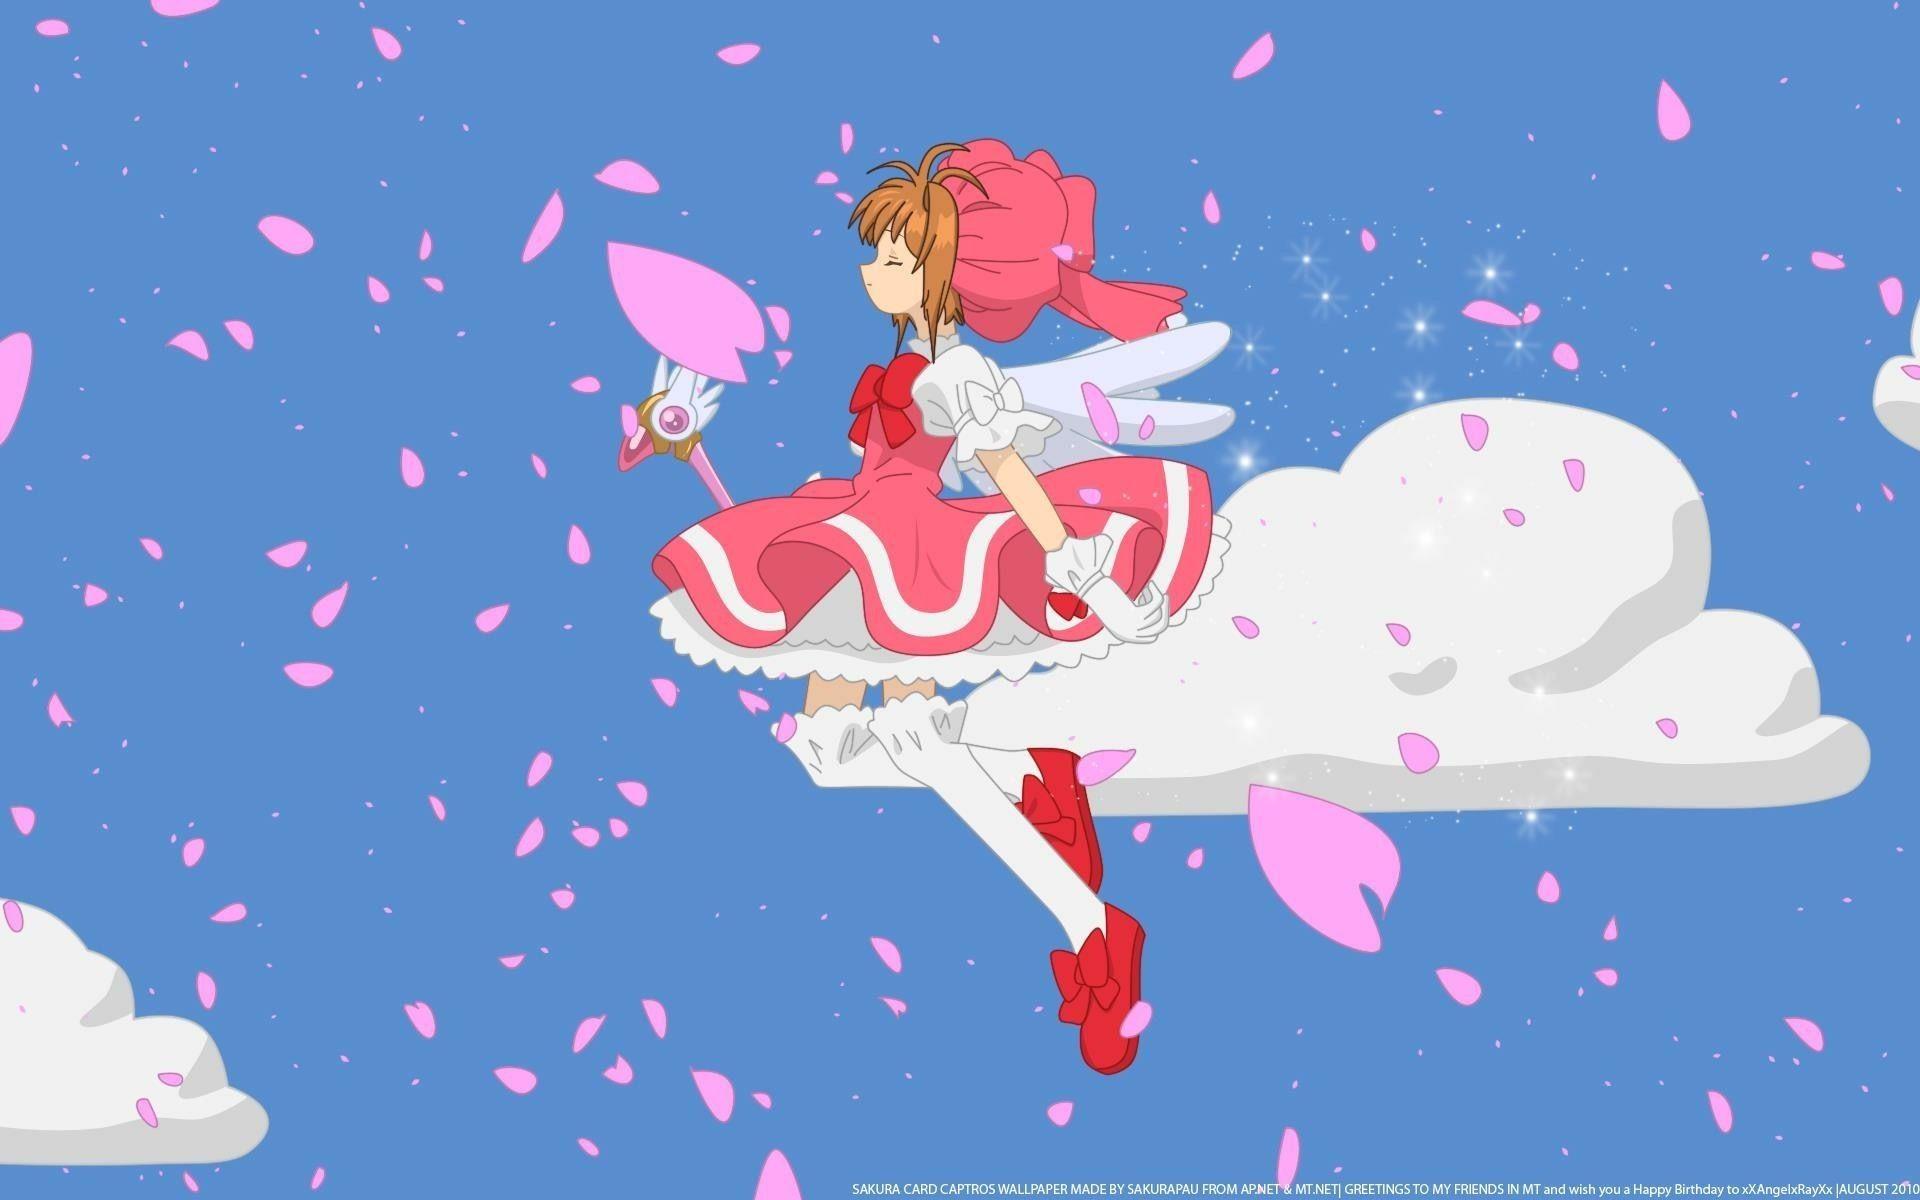 Beautiful Cardcaptor Sakura Wallpaper In 2020 Sakura Card Sakura Art Cardcaptor Sakura